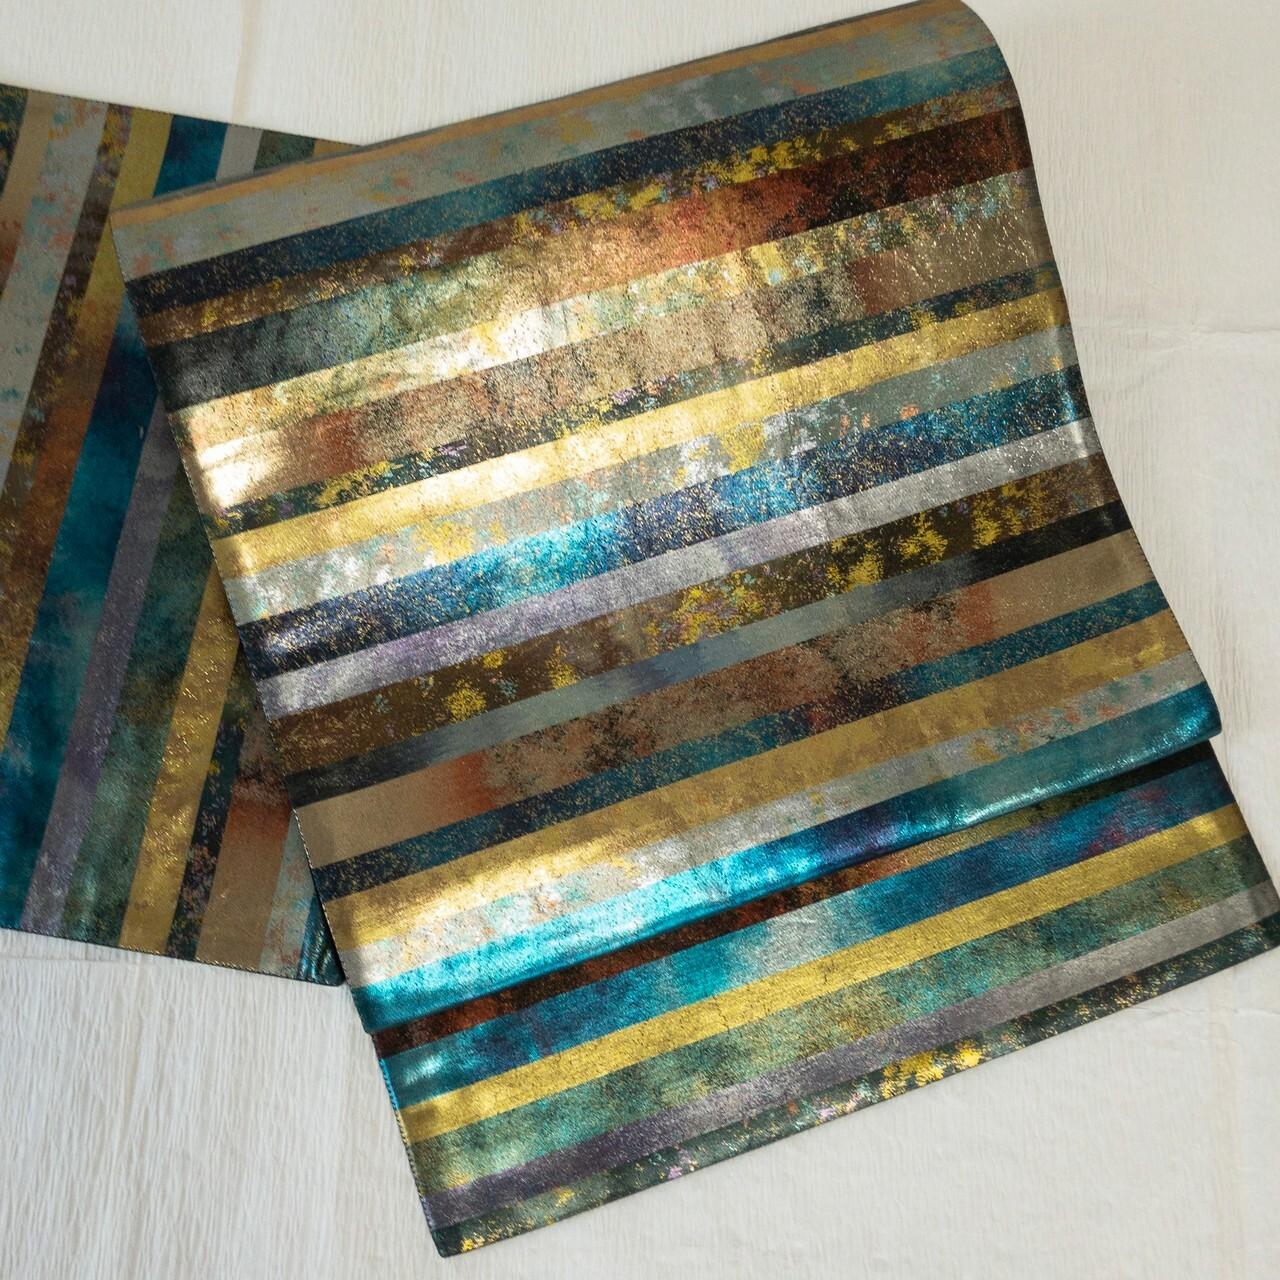 【モダン】袋帯 箔シャイニー多色縞 六通 ゴールド×ターコイズブルー